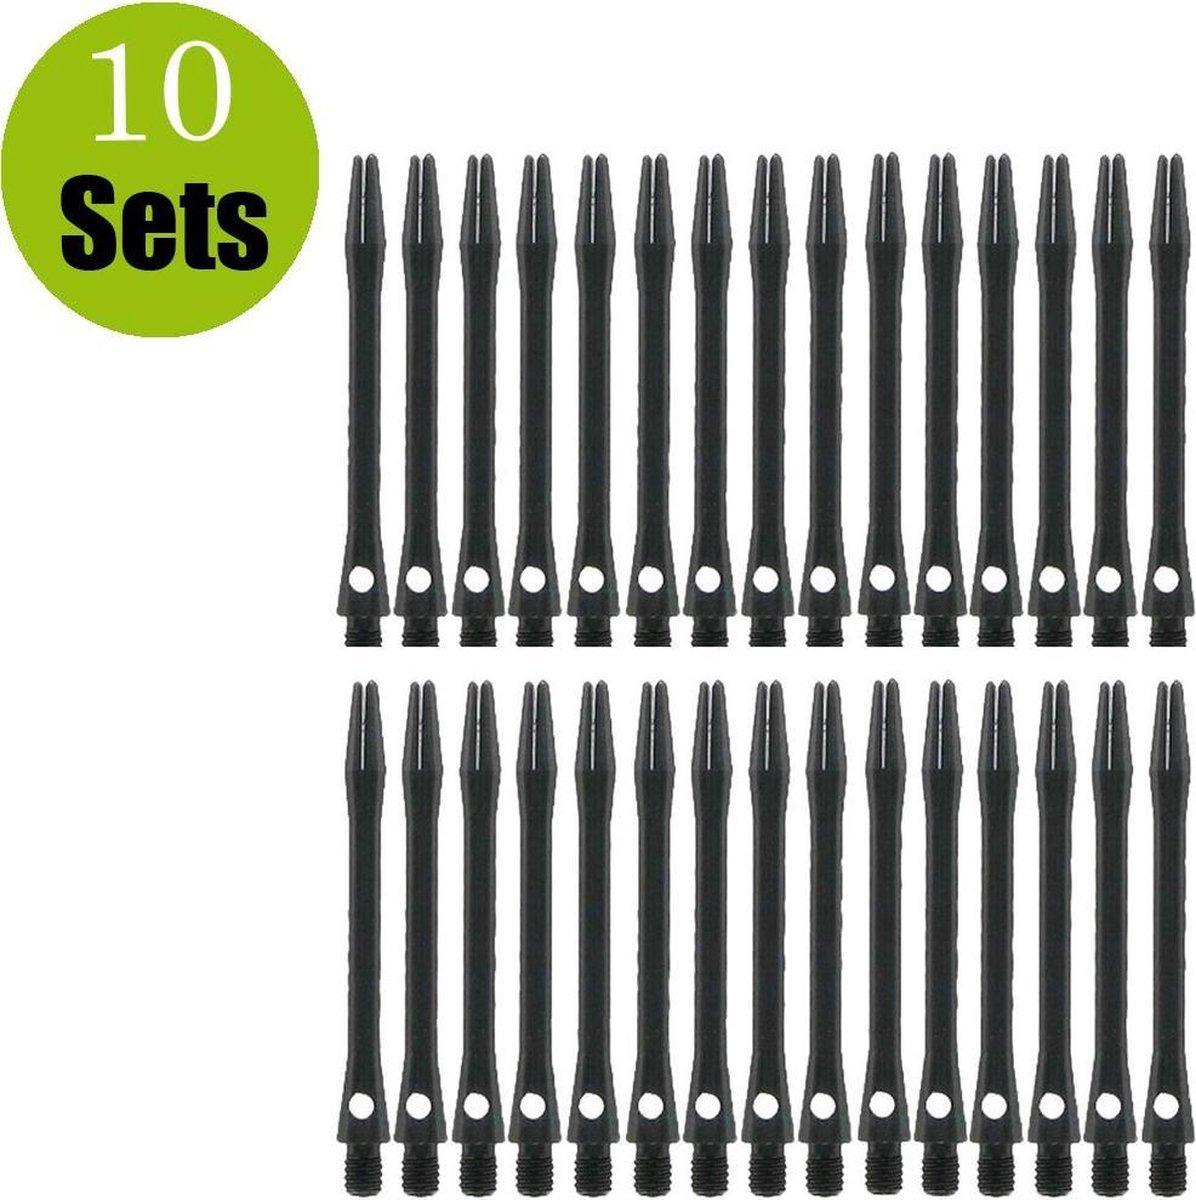 Aluminium Dart Shafts - Zwart - Medium - (10 Sets)